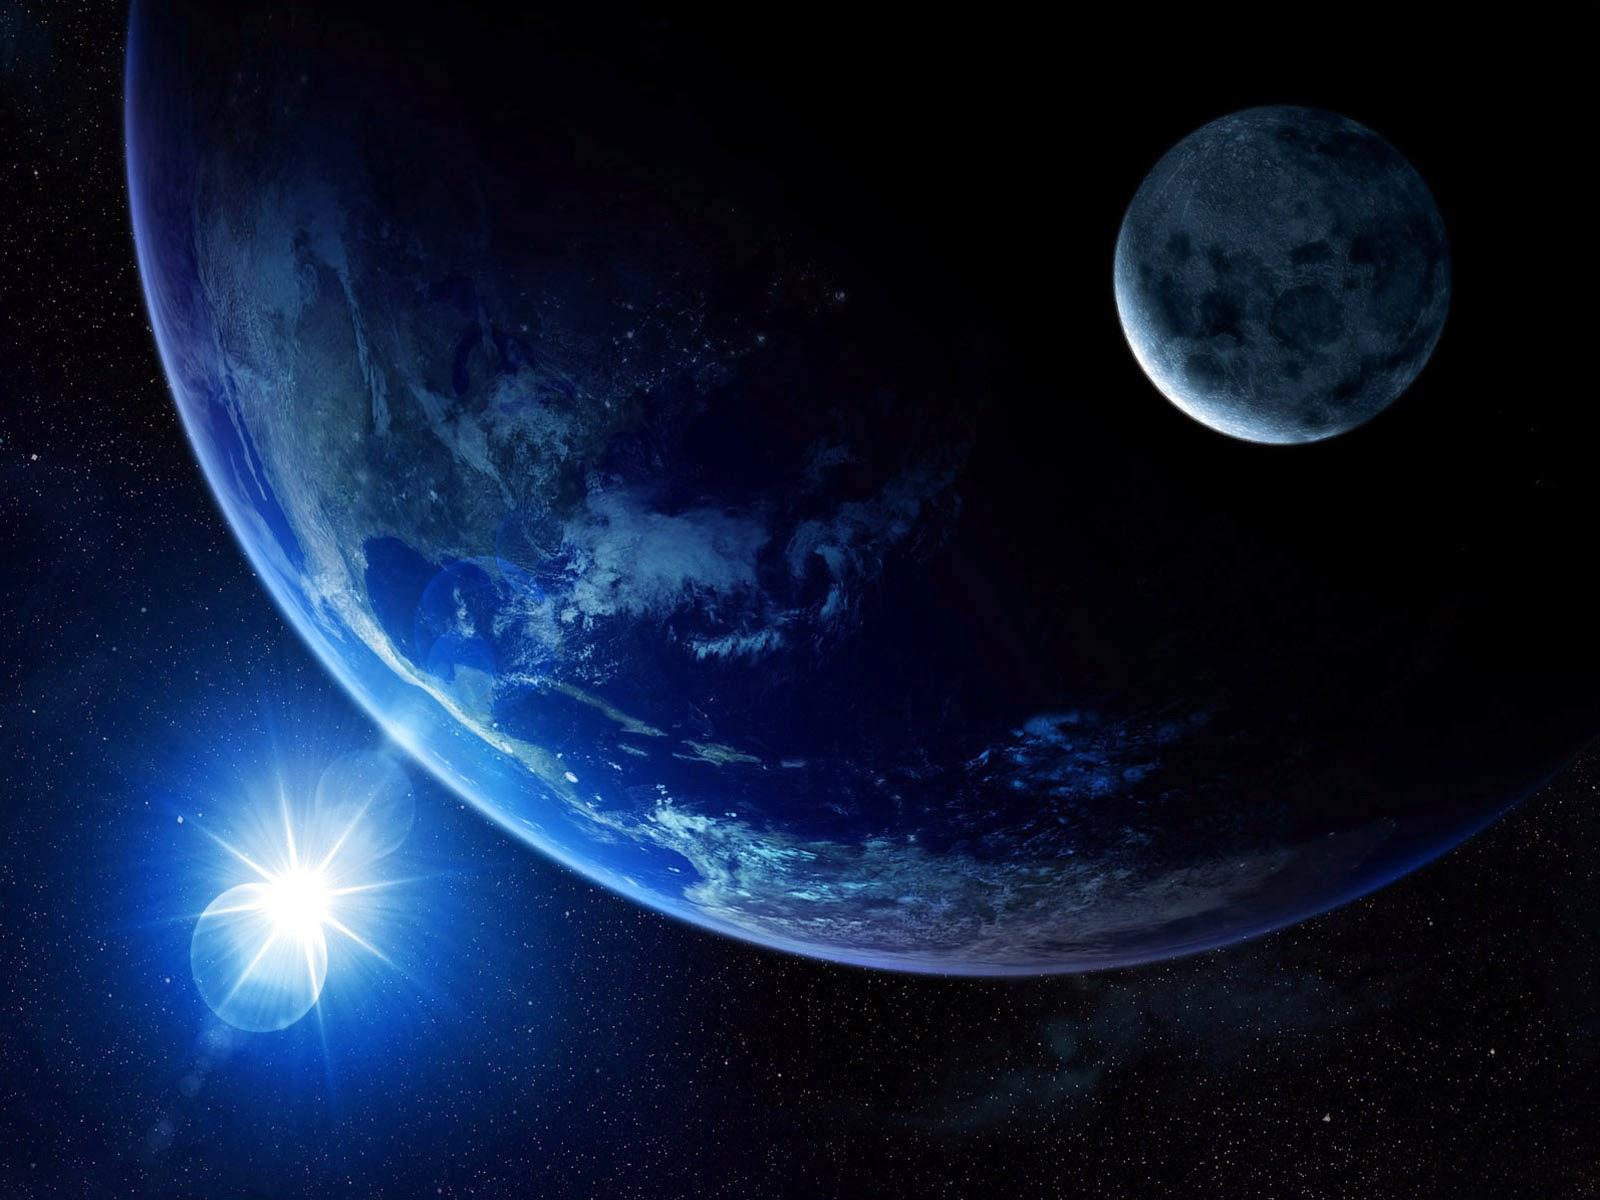 Papel De Parede De Universo Universo Em Expanso Wallpaper Download  -> Imagens Do Universo Para Papel De Parede